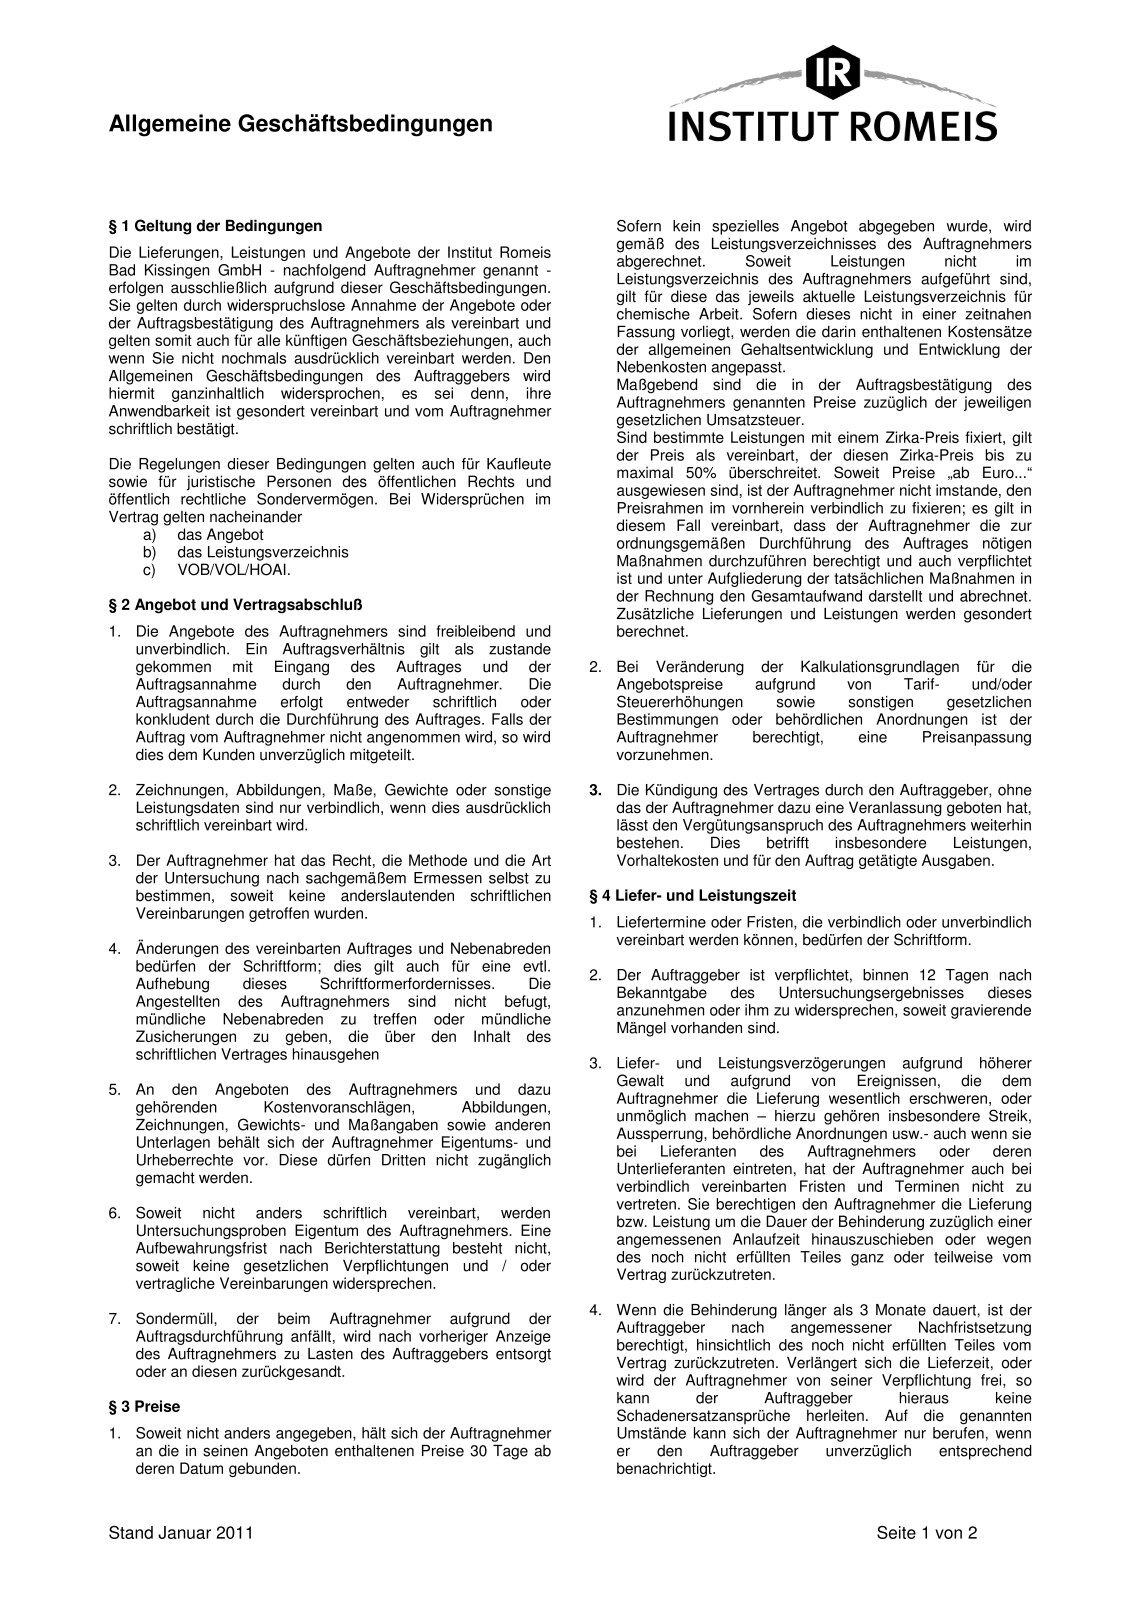 Ausgezeichnet Auftragnehmer Vereinbarung Vorlage Wort Fotos - Entry ...